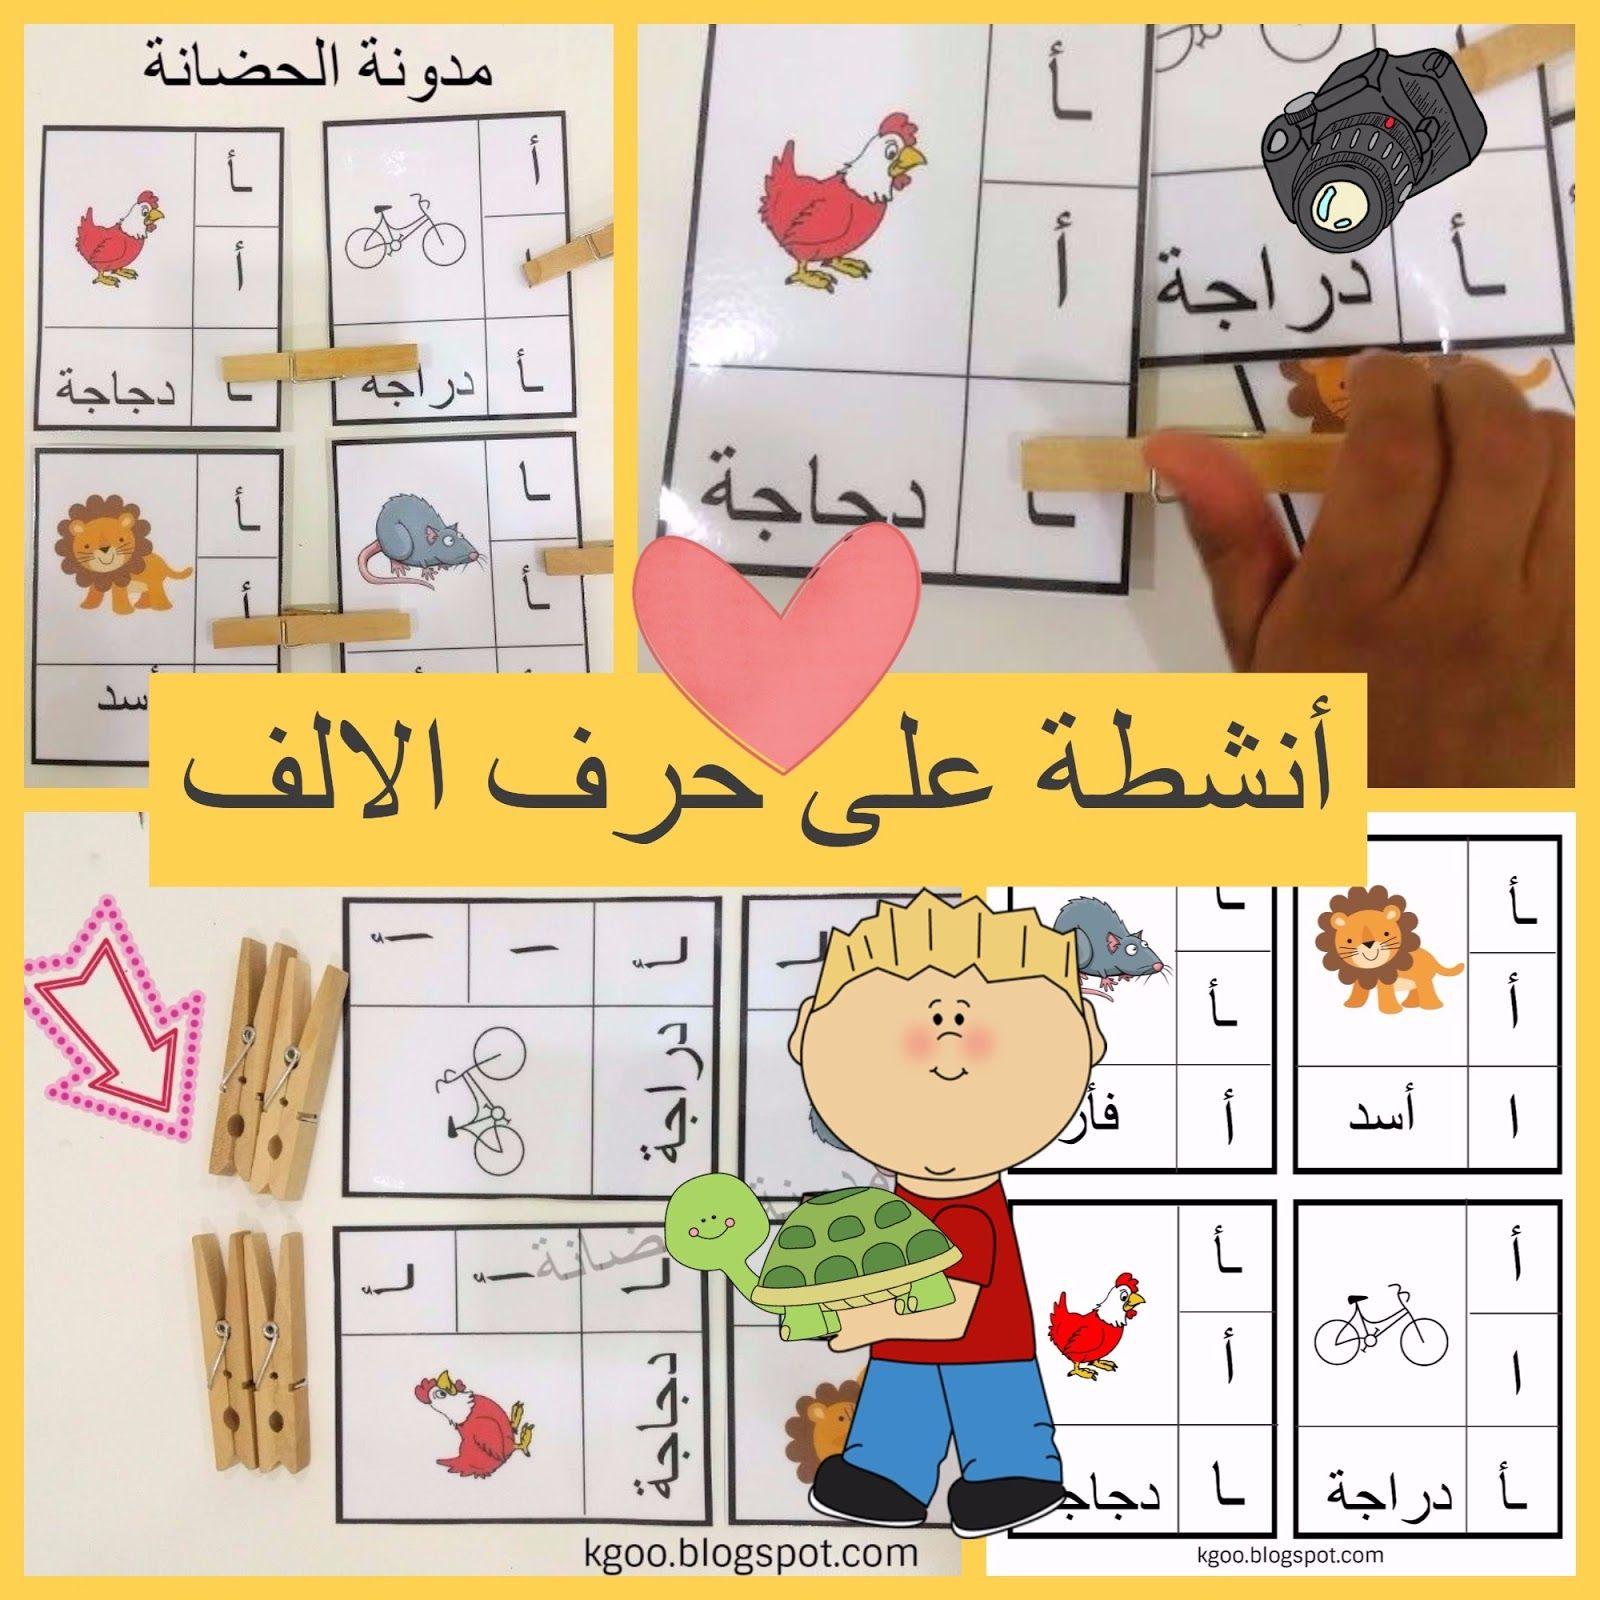 تعليم حرف أ روضة العلم للاطفال Arabic Alphabet Learning Arabic Arabic Alphabet For Kids